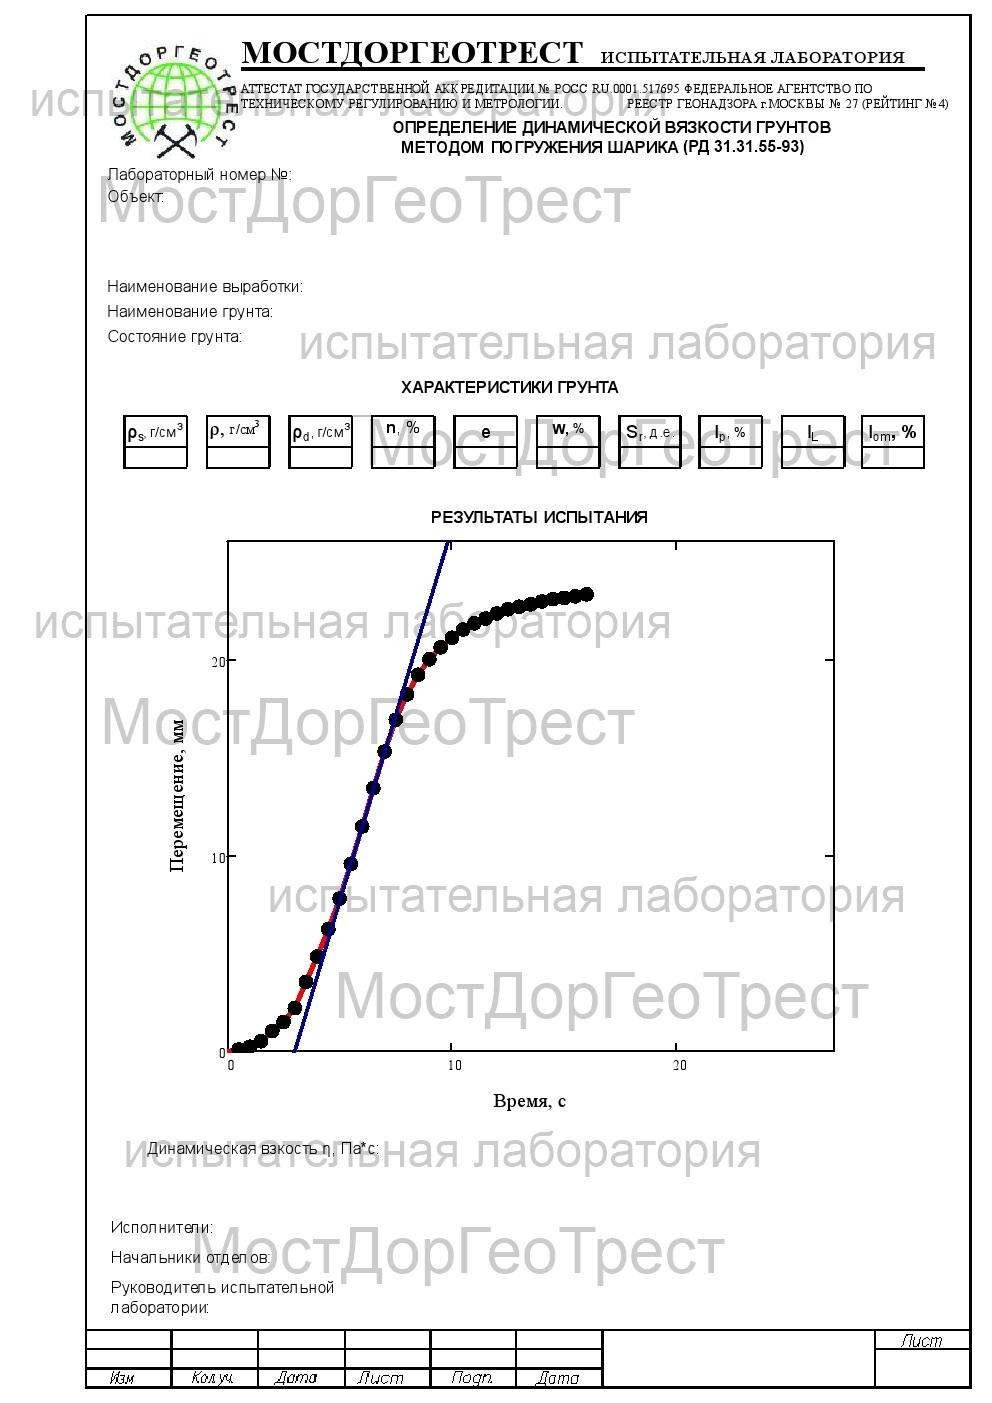 Протокол определения динамической вязкости грунтов методом погружения шарика (ГОСТ 12248-2010)